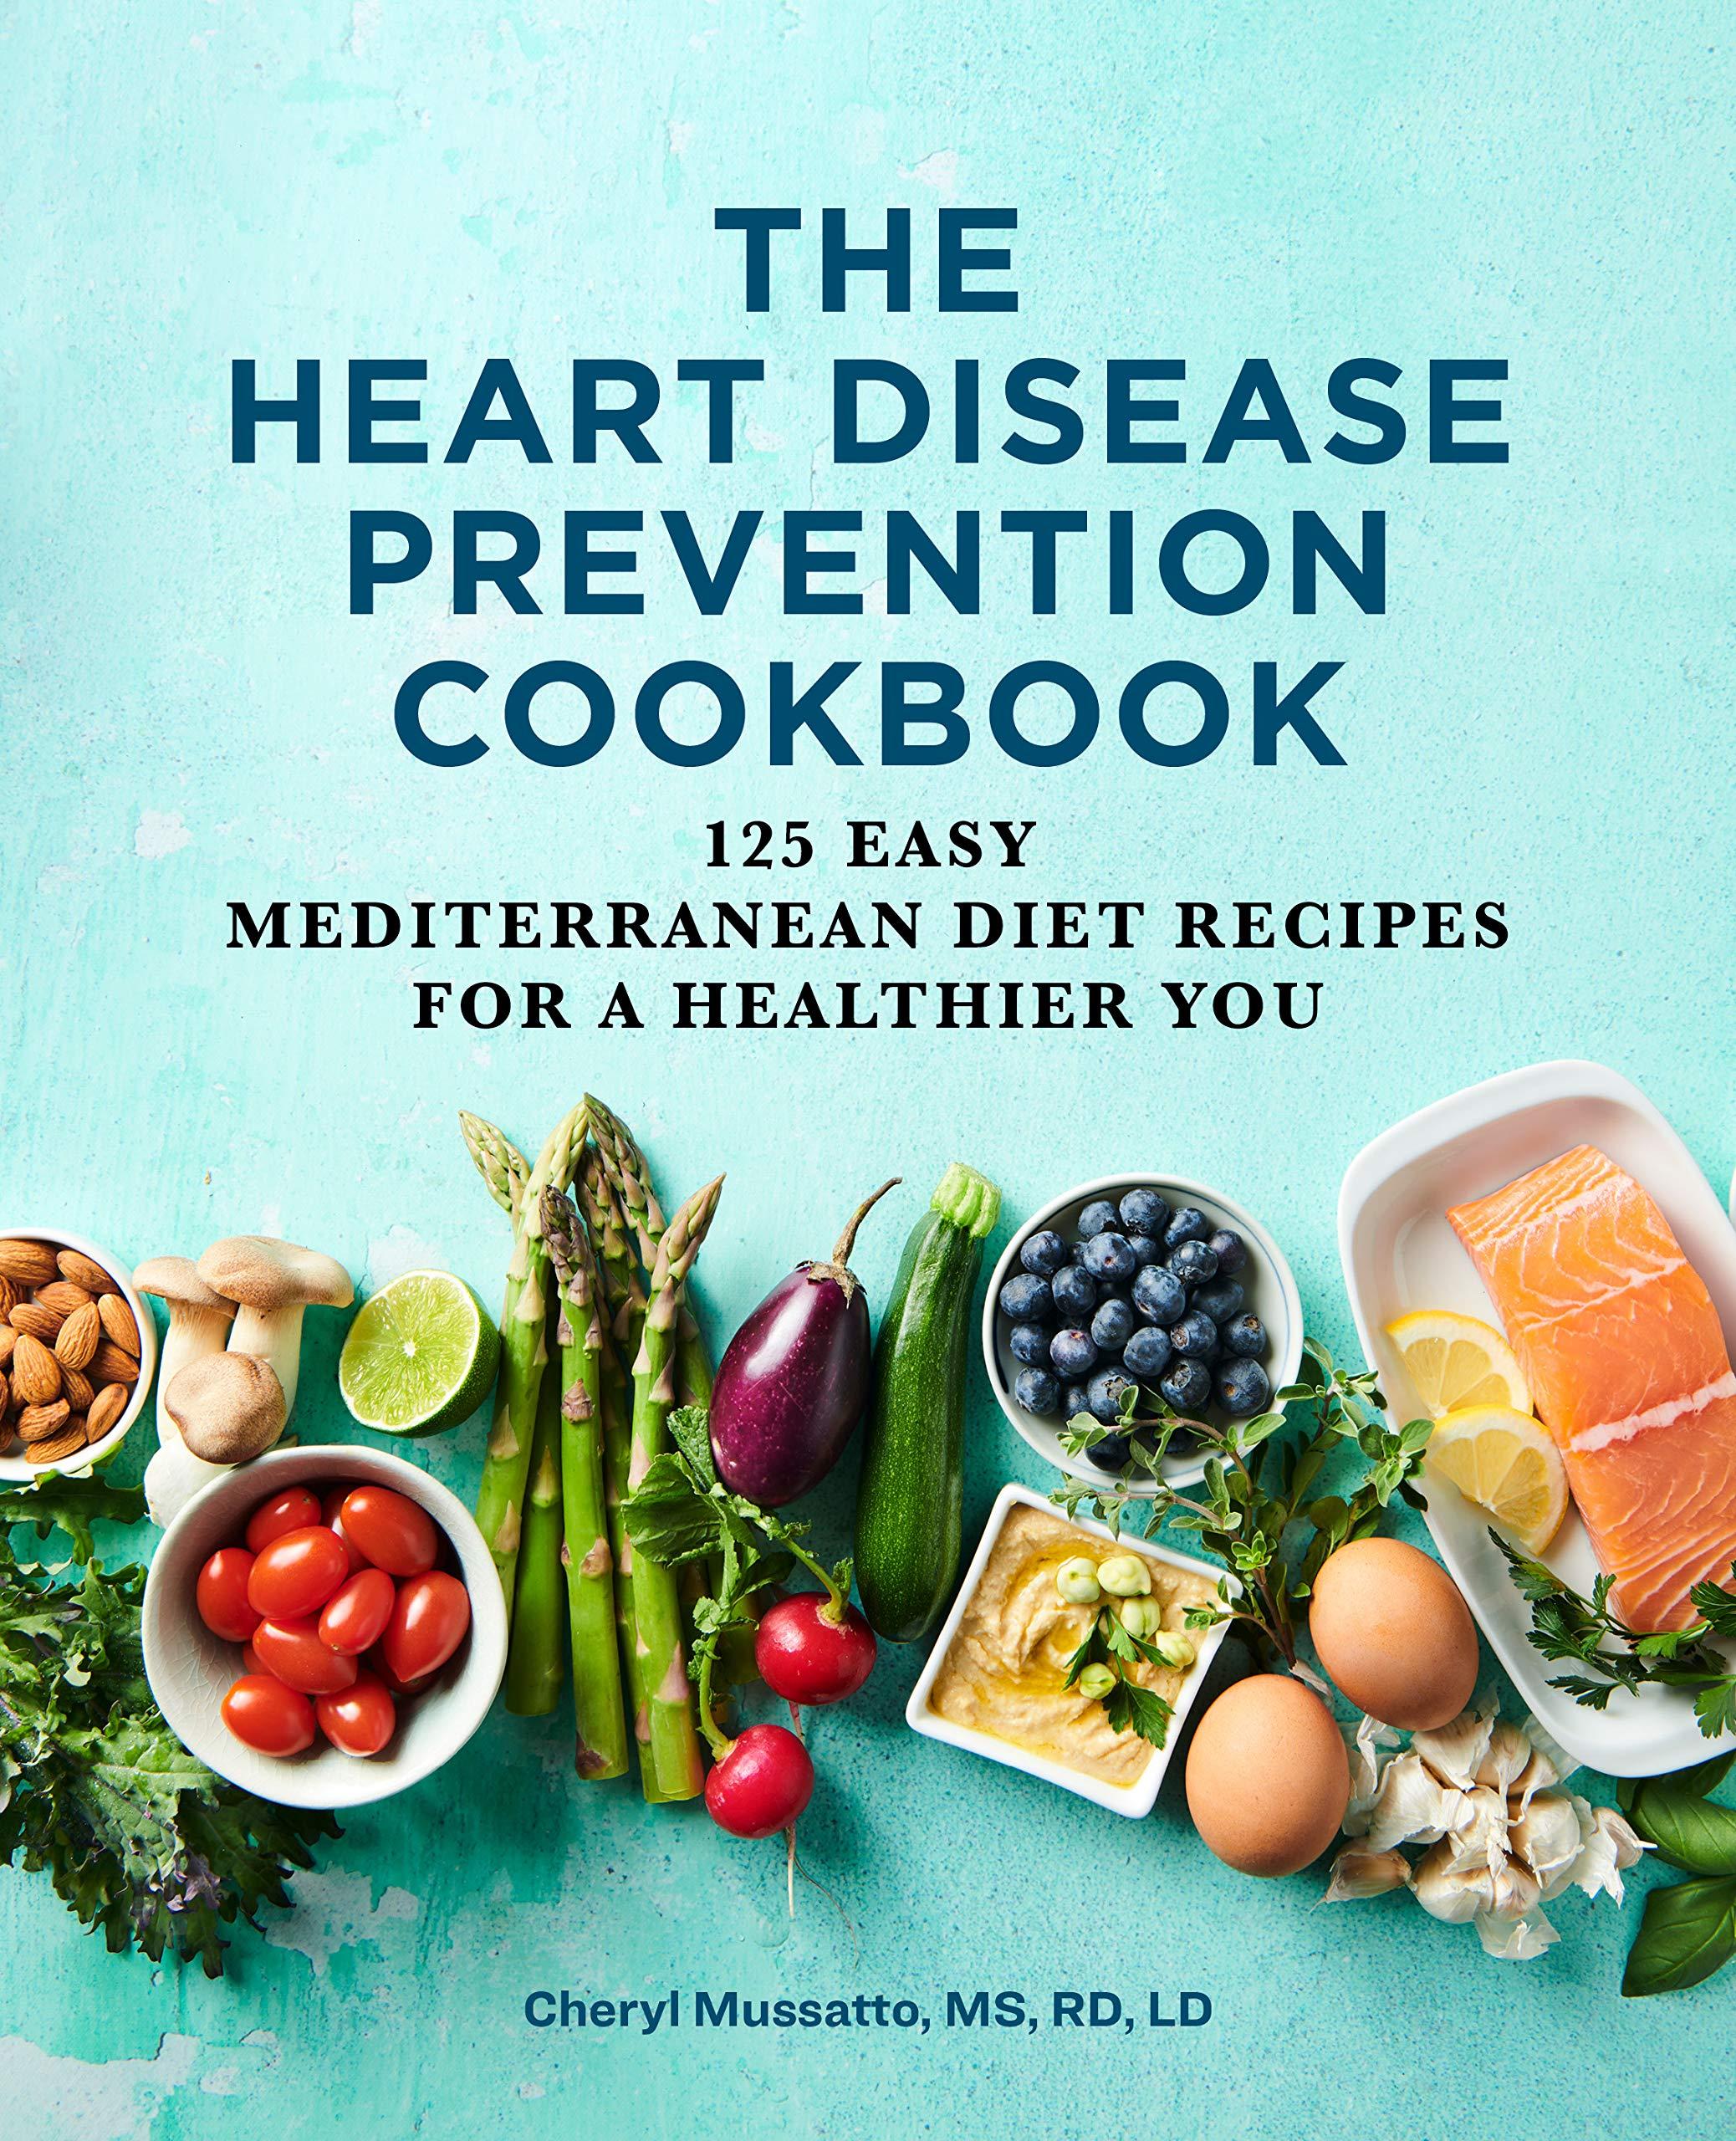 diet for heart disease prevention